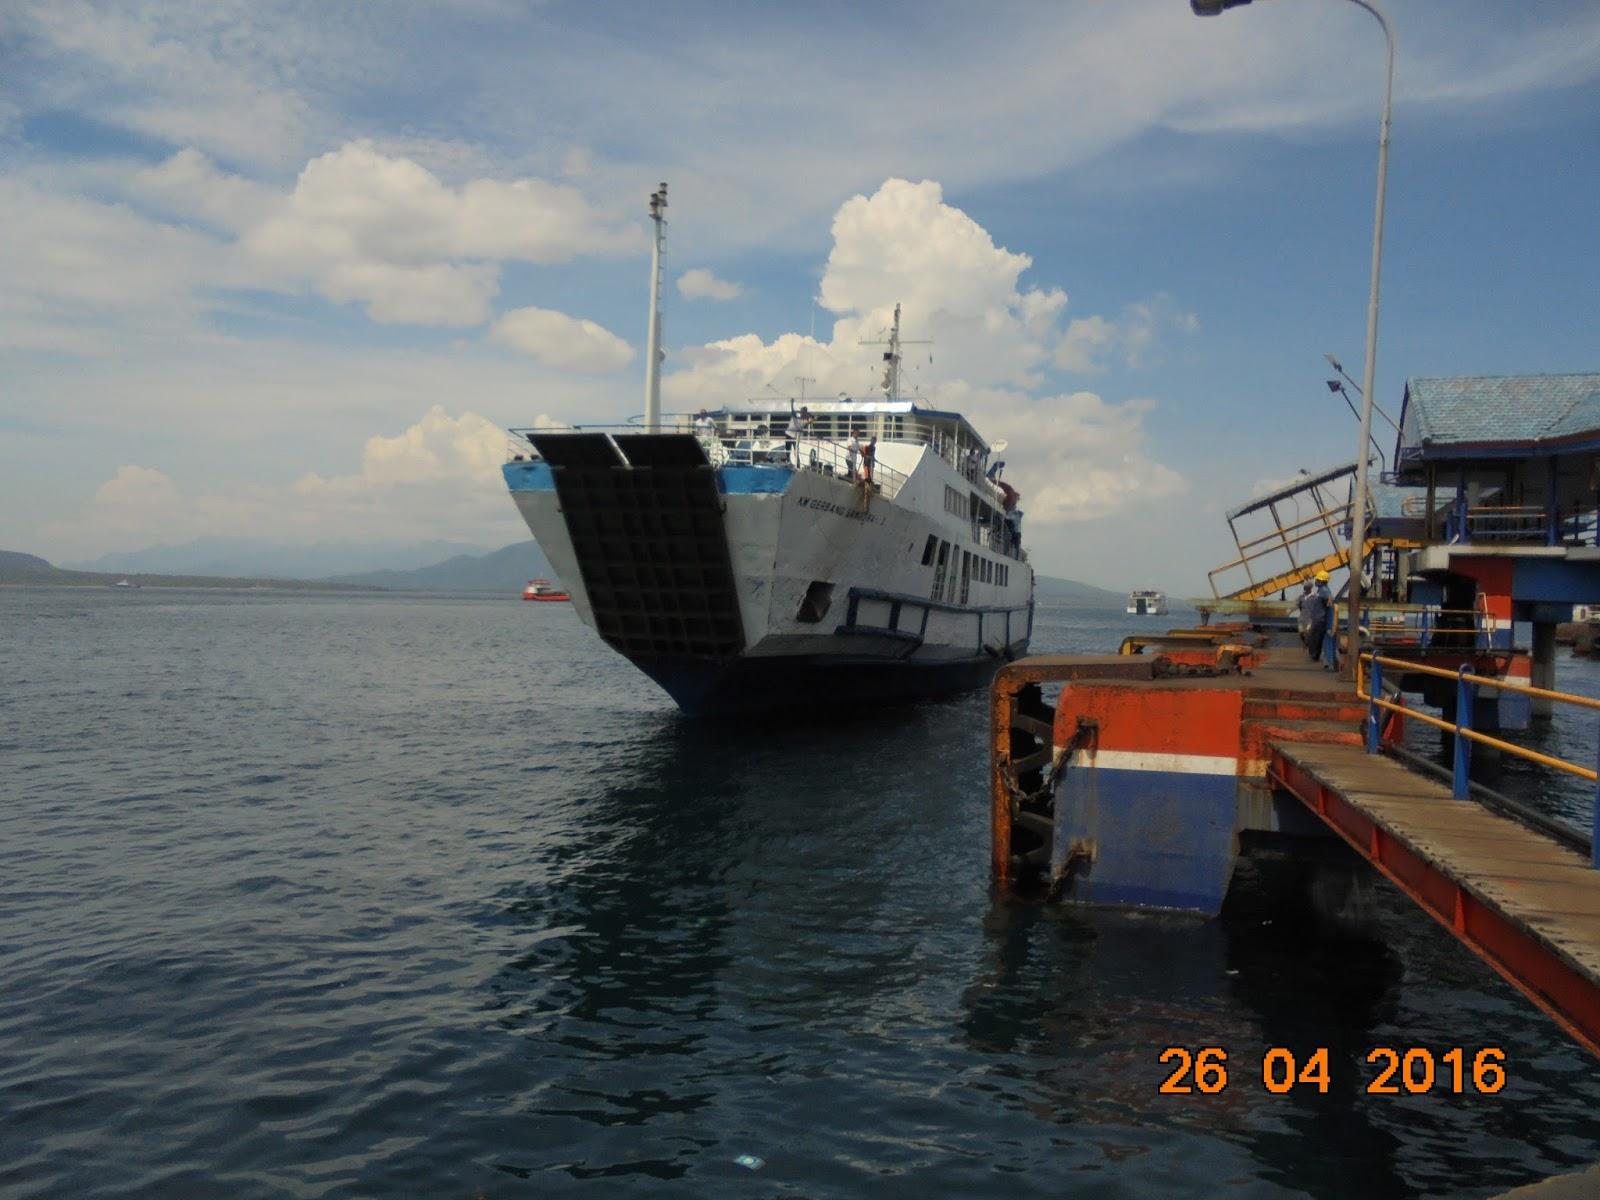 Daftar Harga Tiket Mobil Kapal Laut Surabaya Ke Banjarmasin